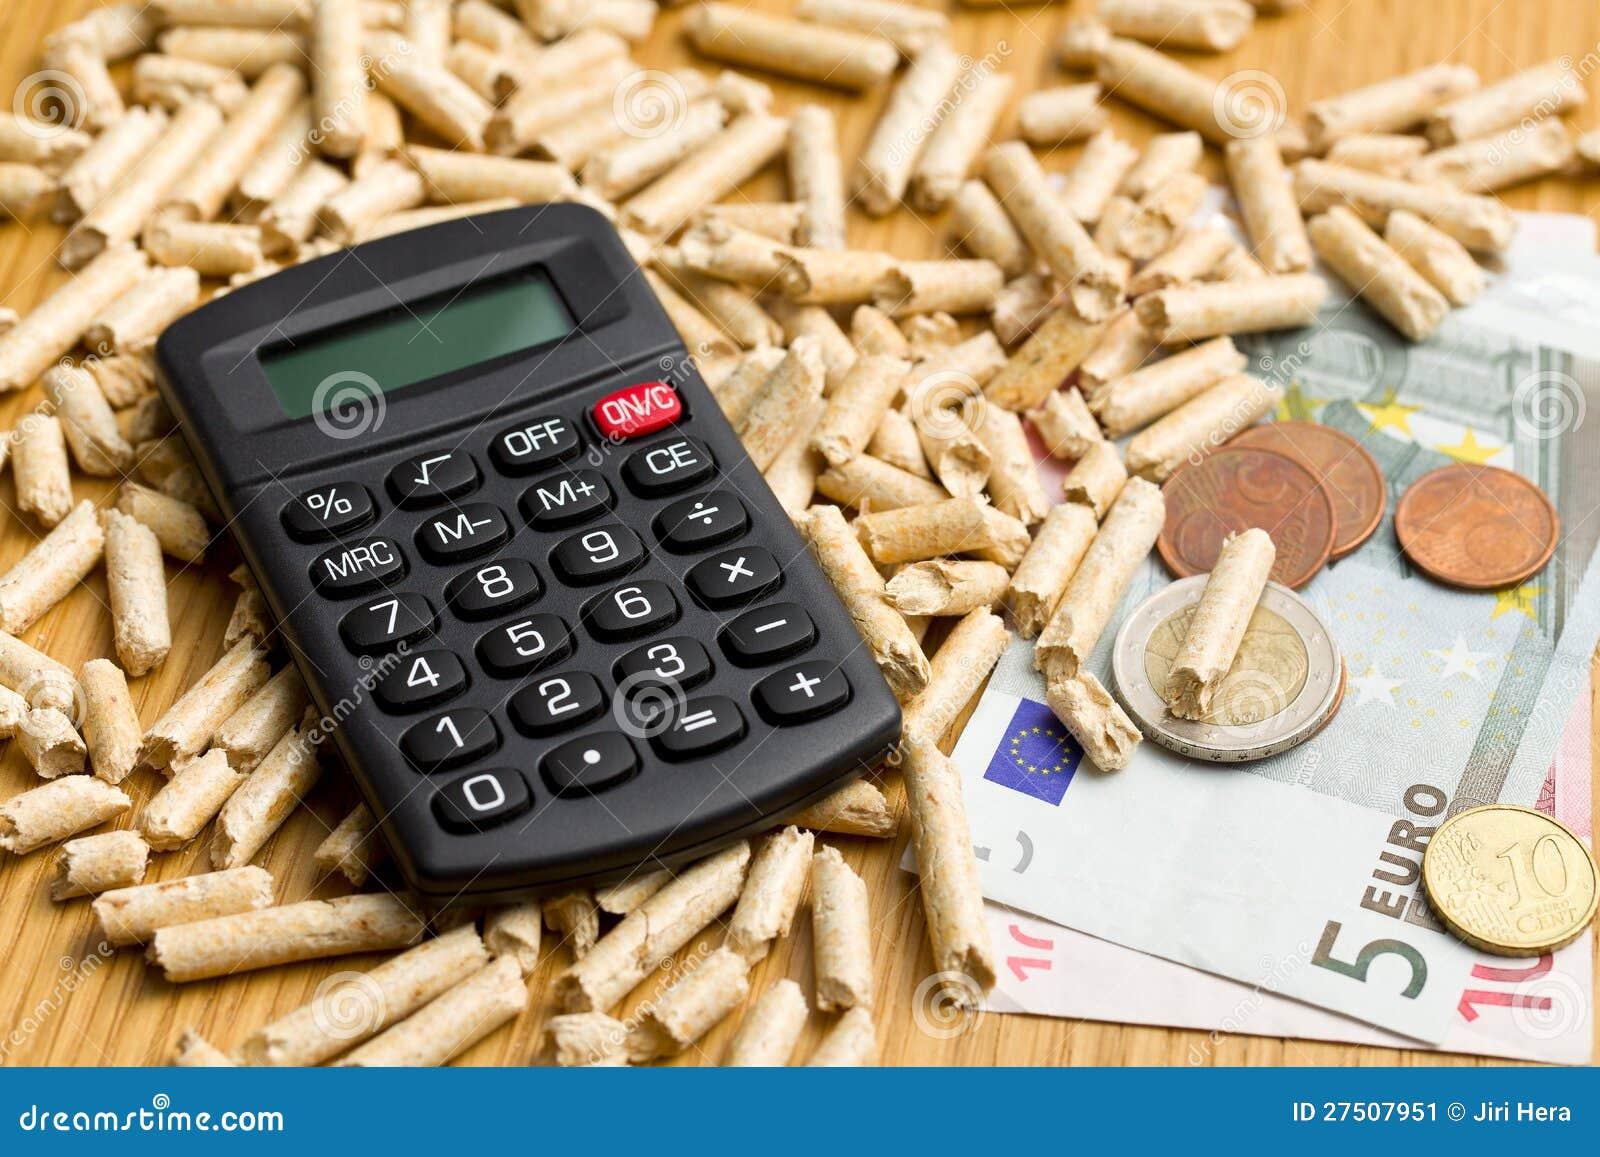 Palline di legno come riscaldamento ecologico ed economico - Riscaldamento casa economico ...